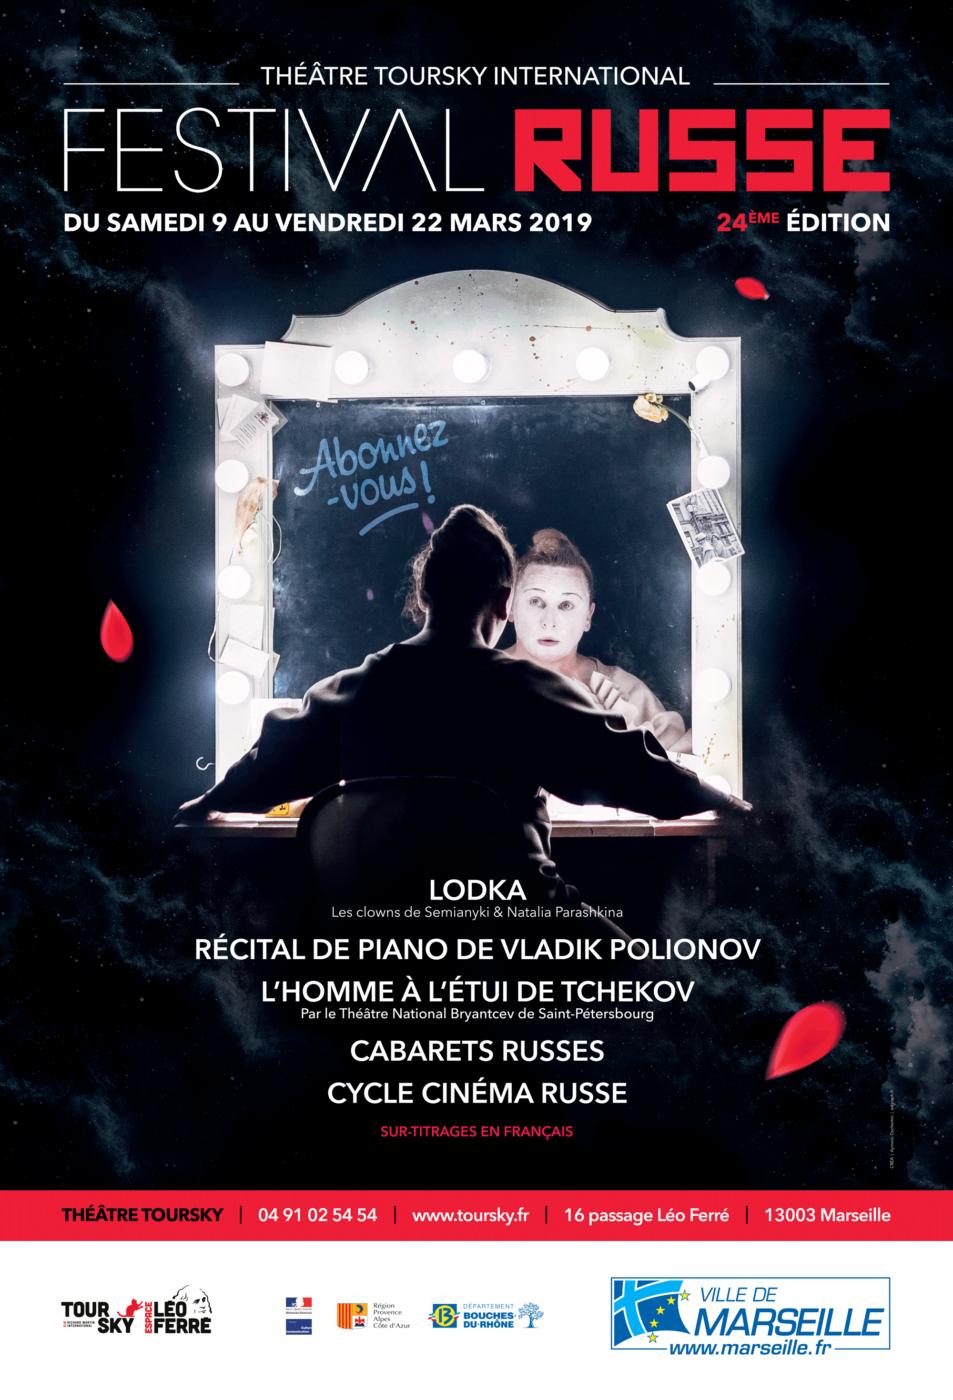 Festival Russe, 24ème édition